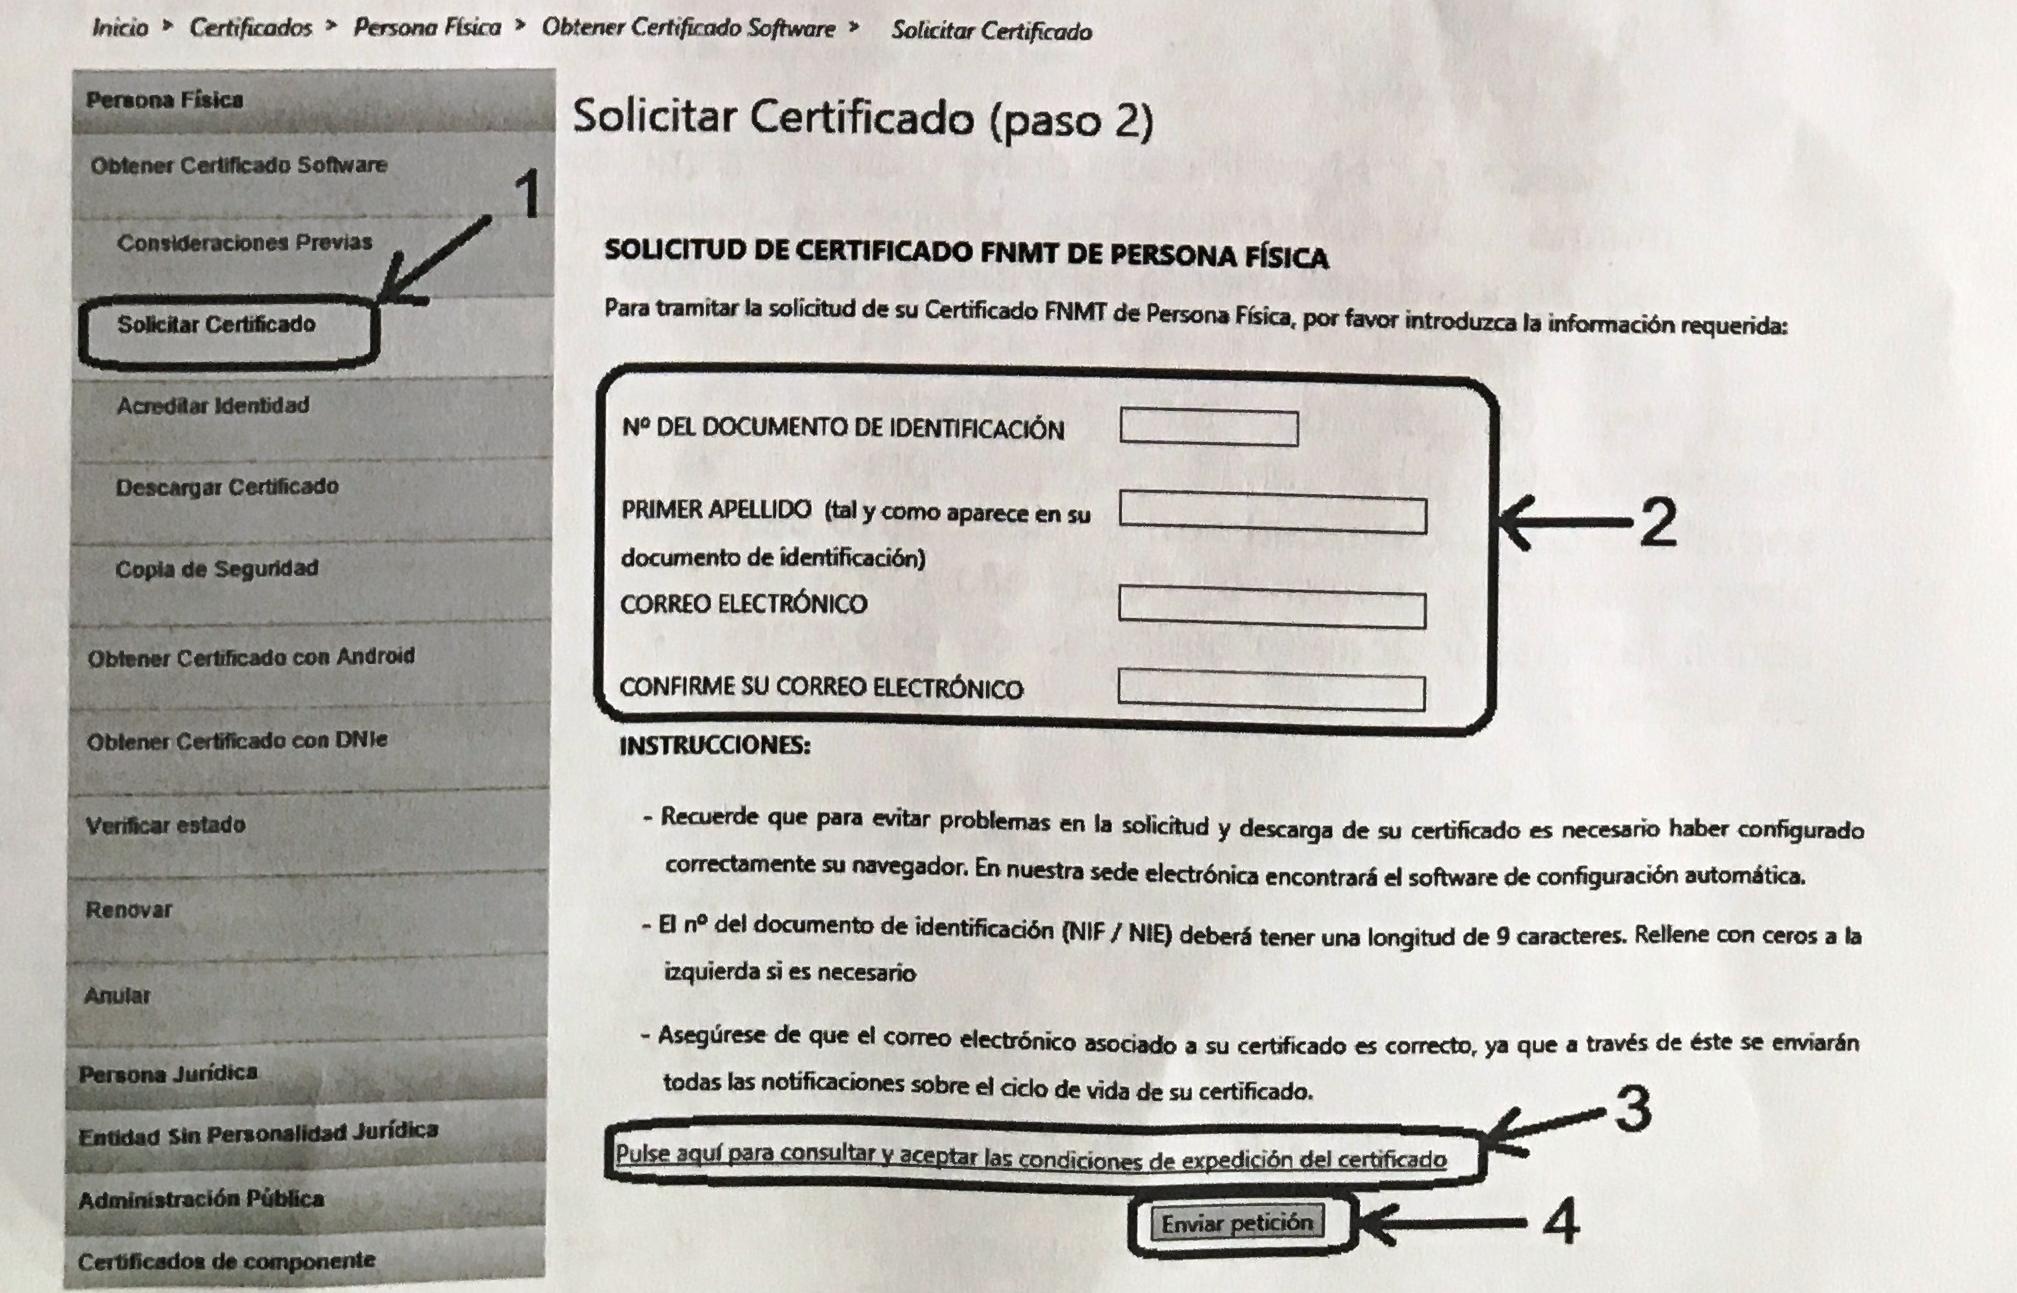 C mo obtener o solicitar certificado digital o eletr nico - Oficinas certificado digital ...